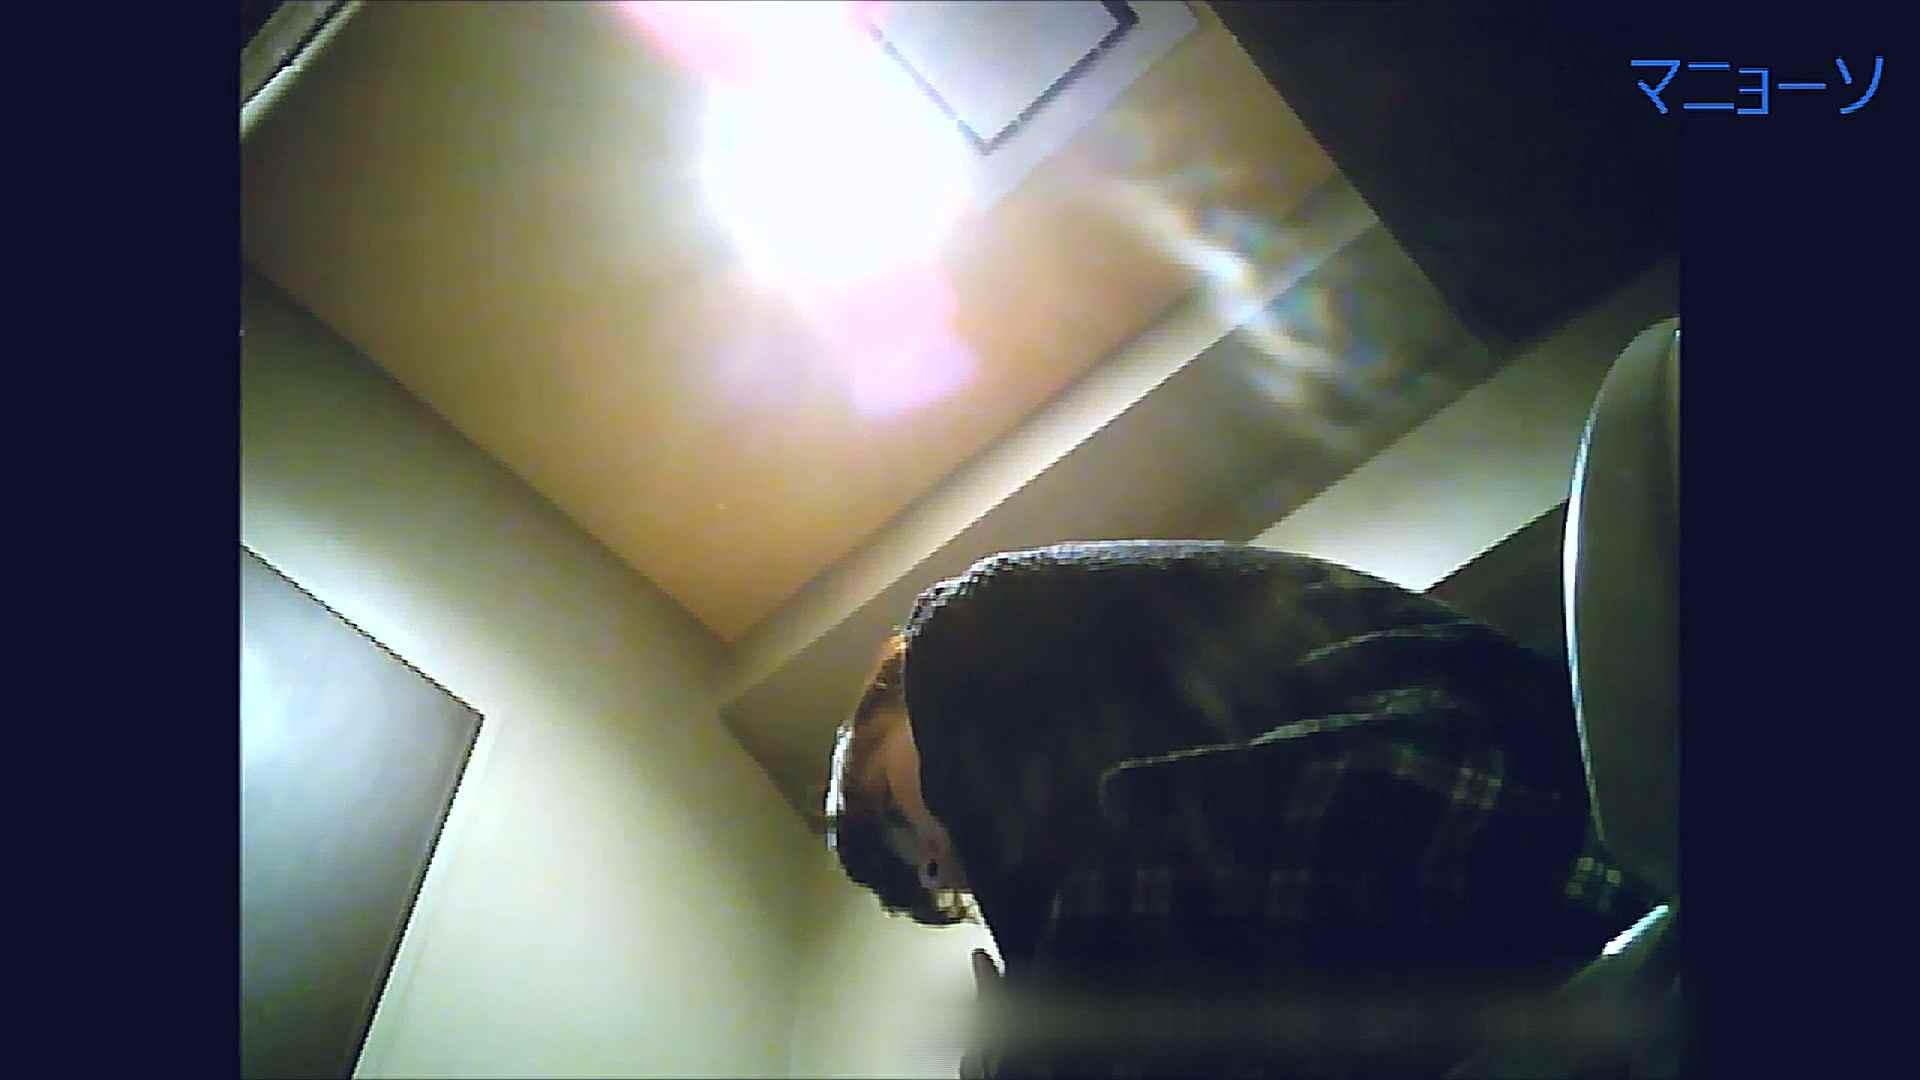 トイレでひと肌脱いでもらいました (OL編)Vol.13 OLのボディ | トイレの実態  87PIX 13